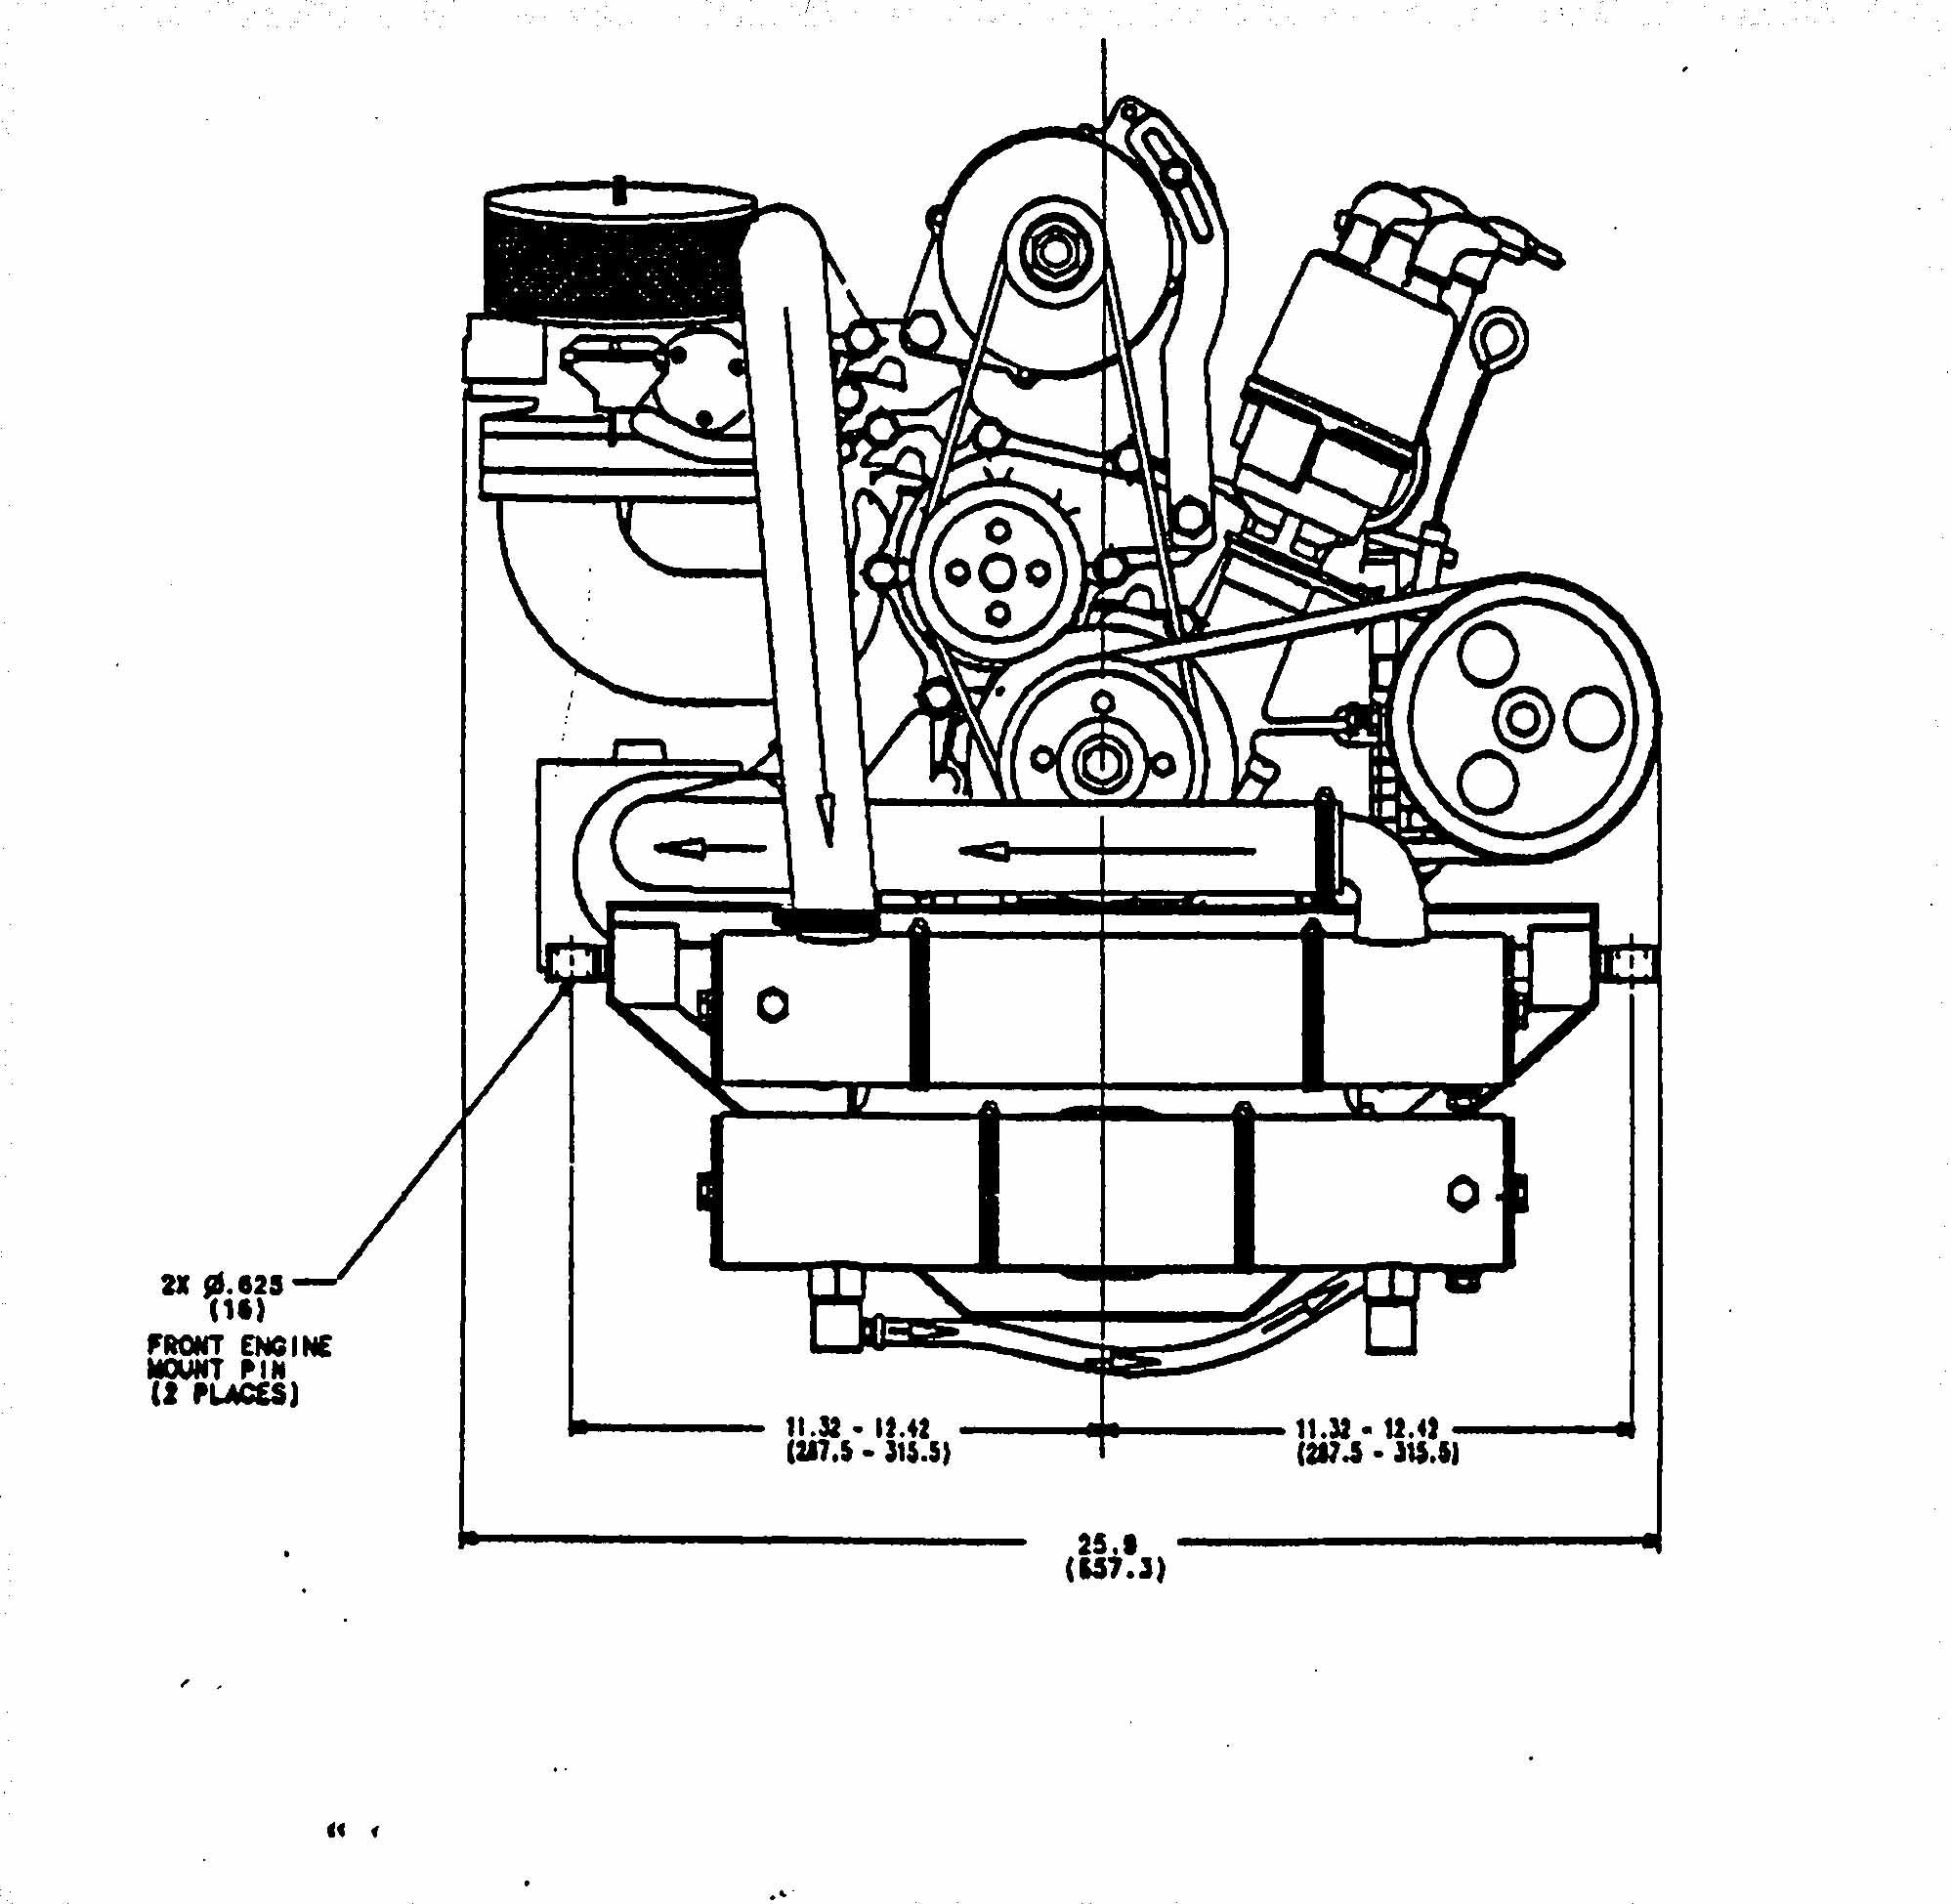 1997x1949 Mazda B 13 Rotary Engine